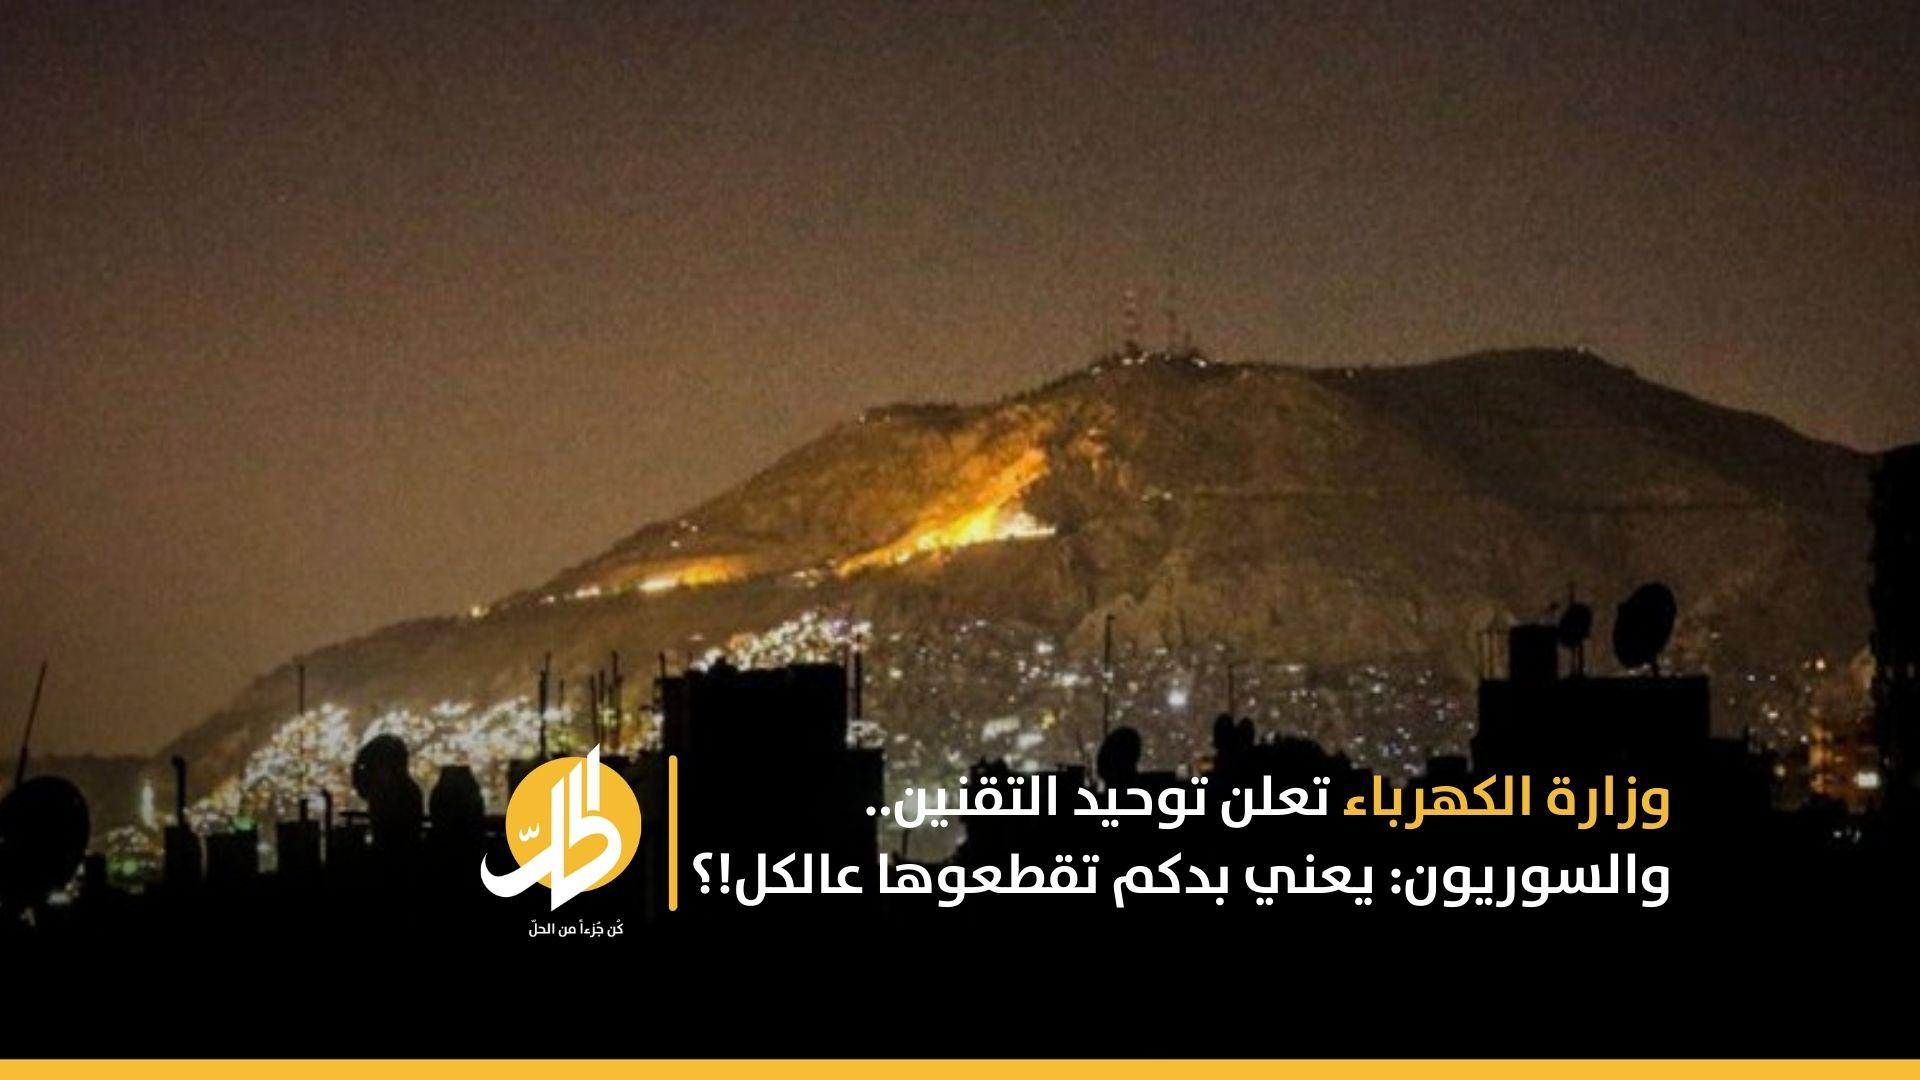 وزارة الكهرباء تعلن توحيد التقنين.. والسوريون: يعني بدكم تقطعوها عالكل!؟